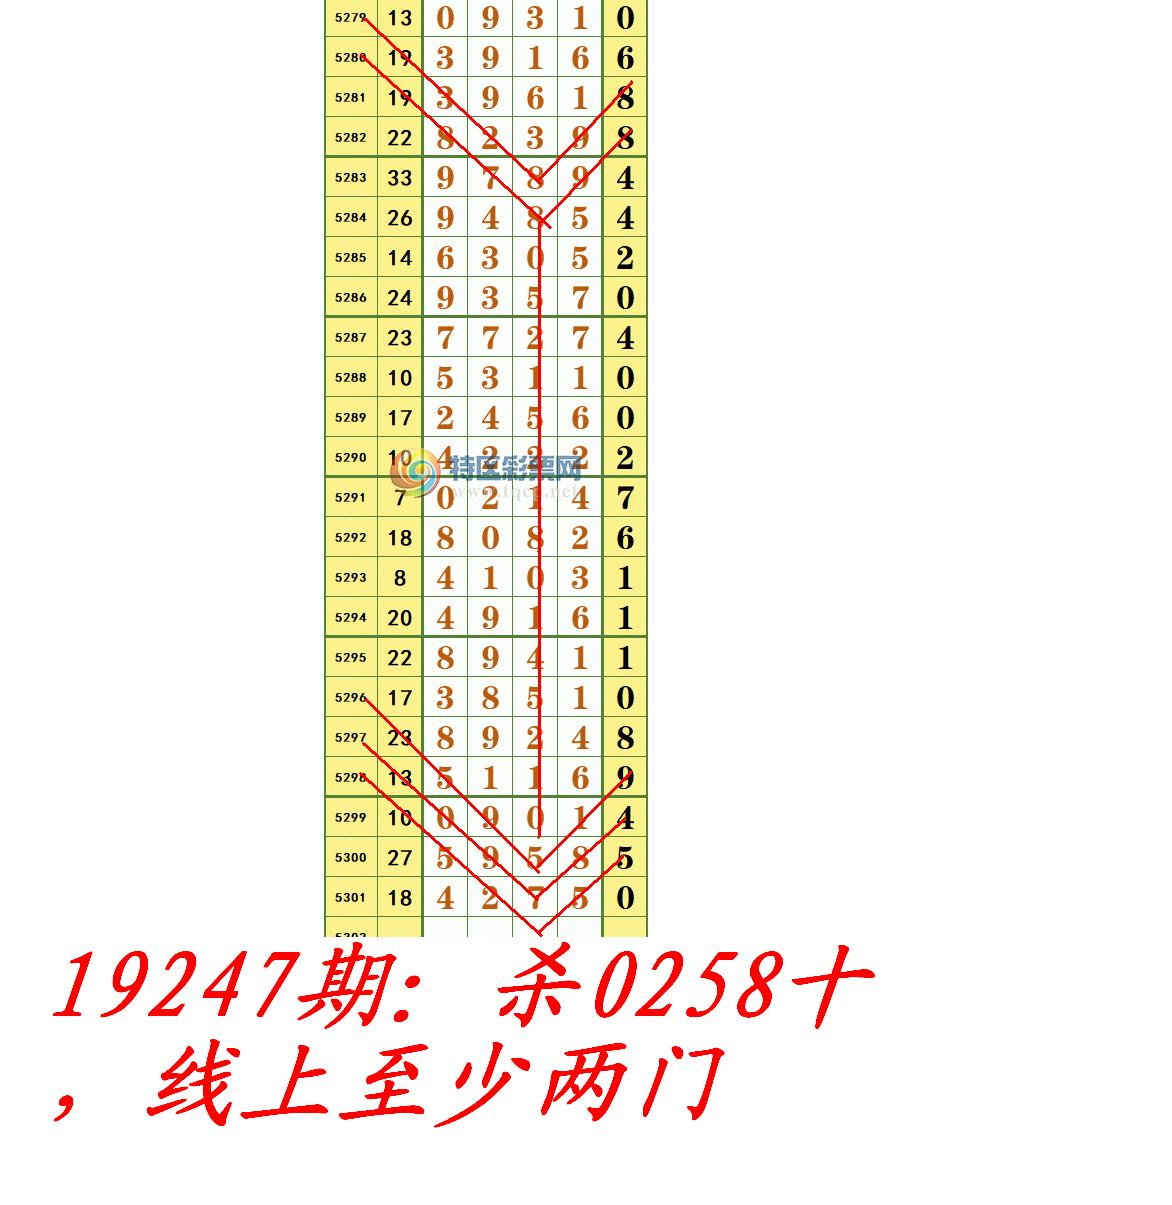 19247期:杀0258十,线上至少两门.PNG